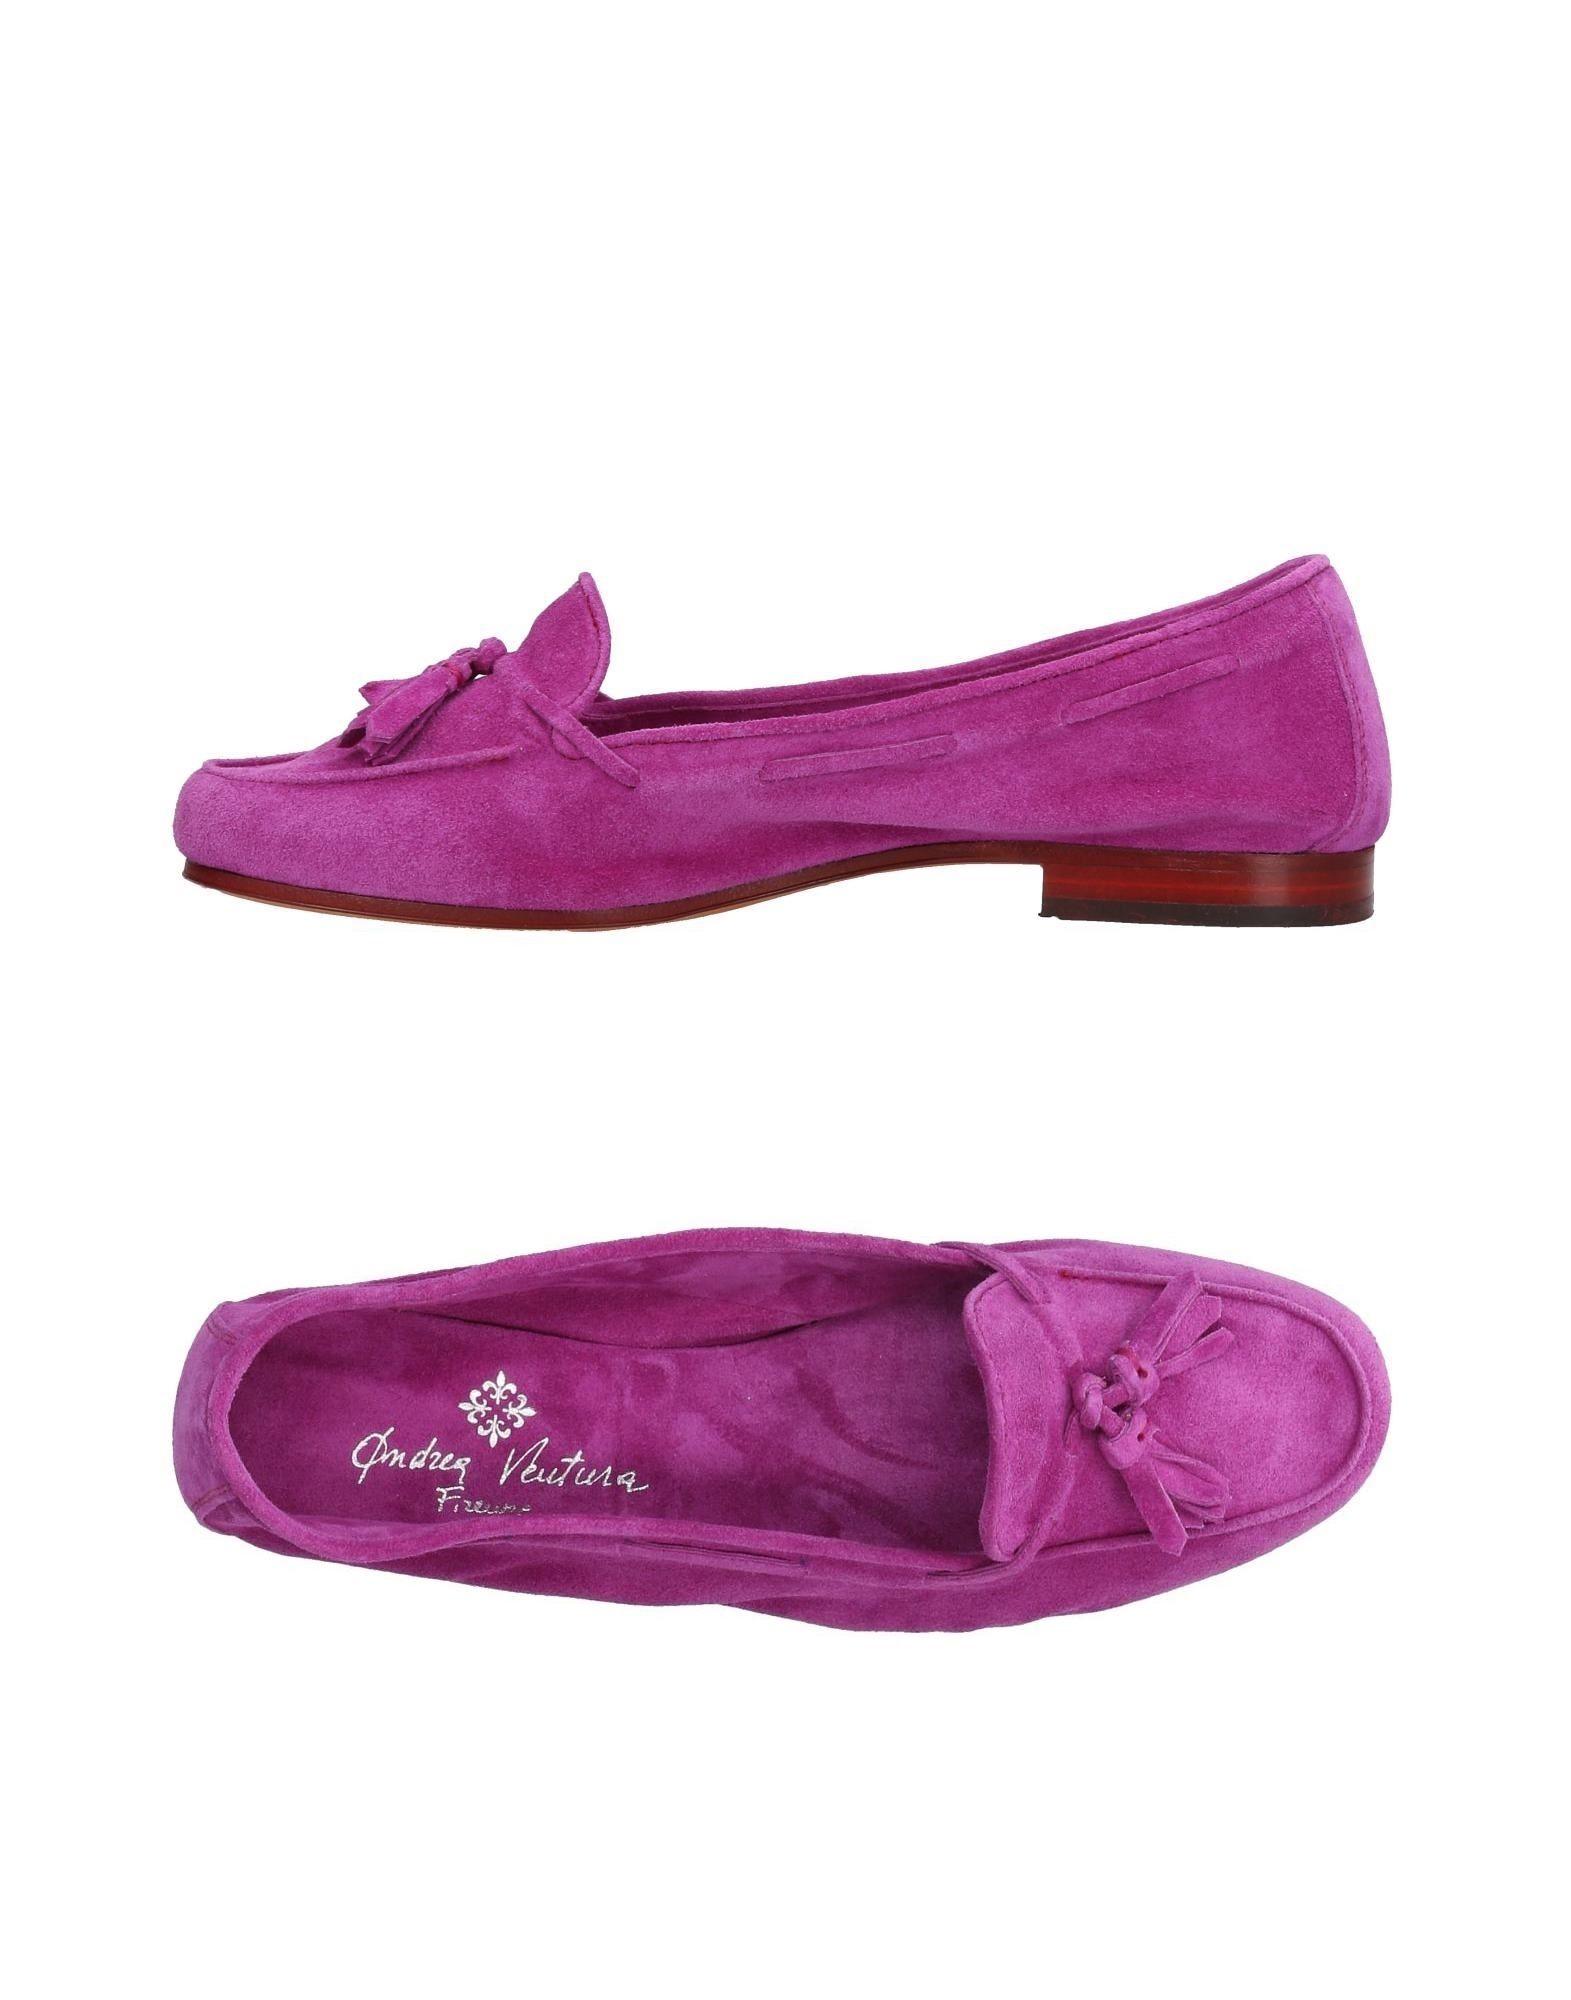 Andrea Ventura Firenze Mokassins Damen  11441724QG Gute Qualität beliebte Schuhe